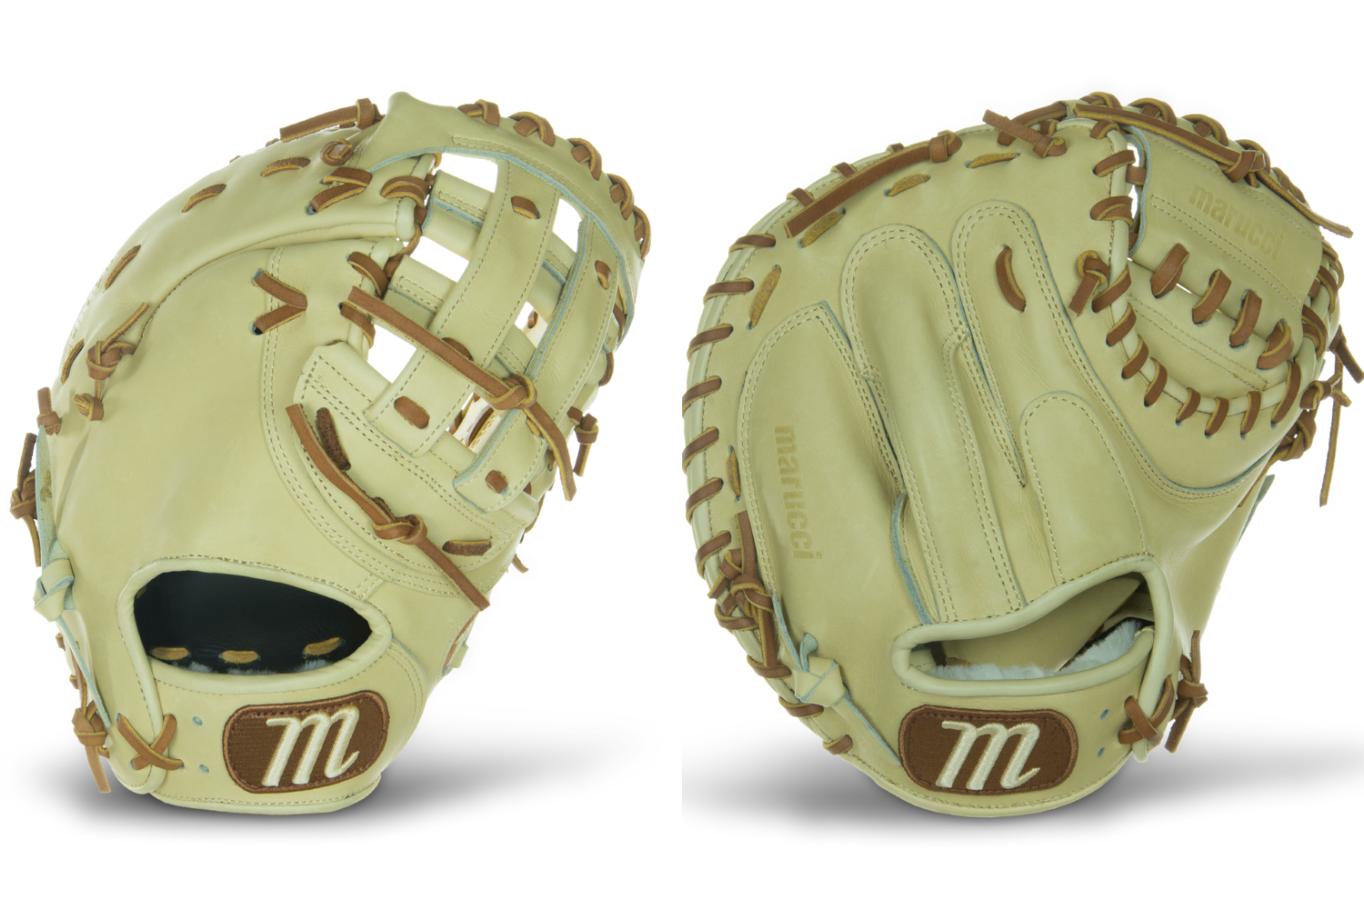 marucci-htg-catcher-1b-gloves